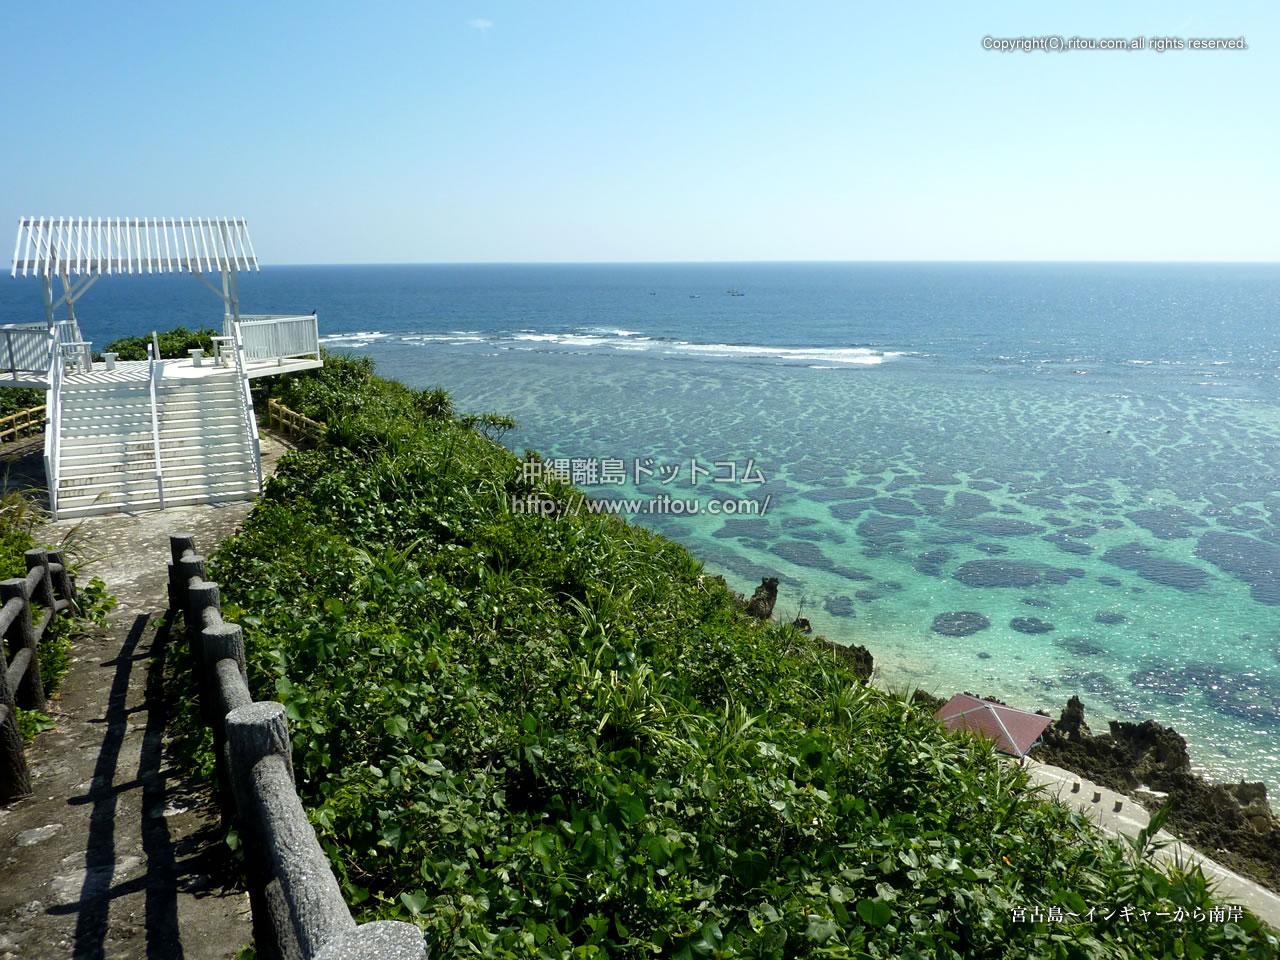 宮古島〜インギャーから南岸